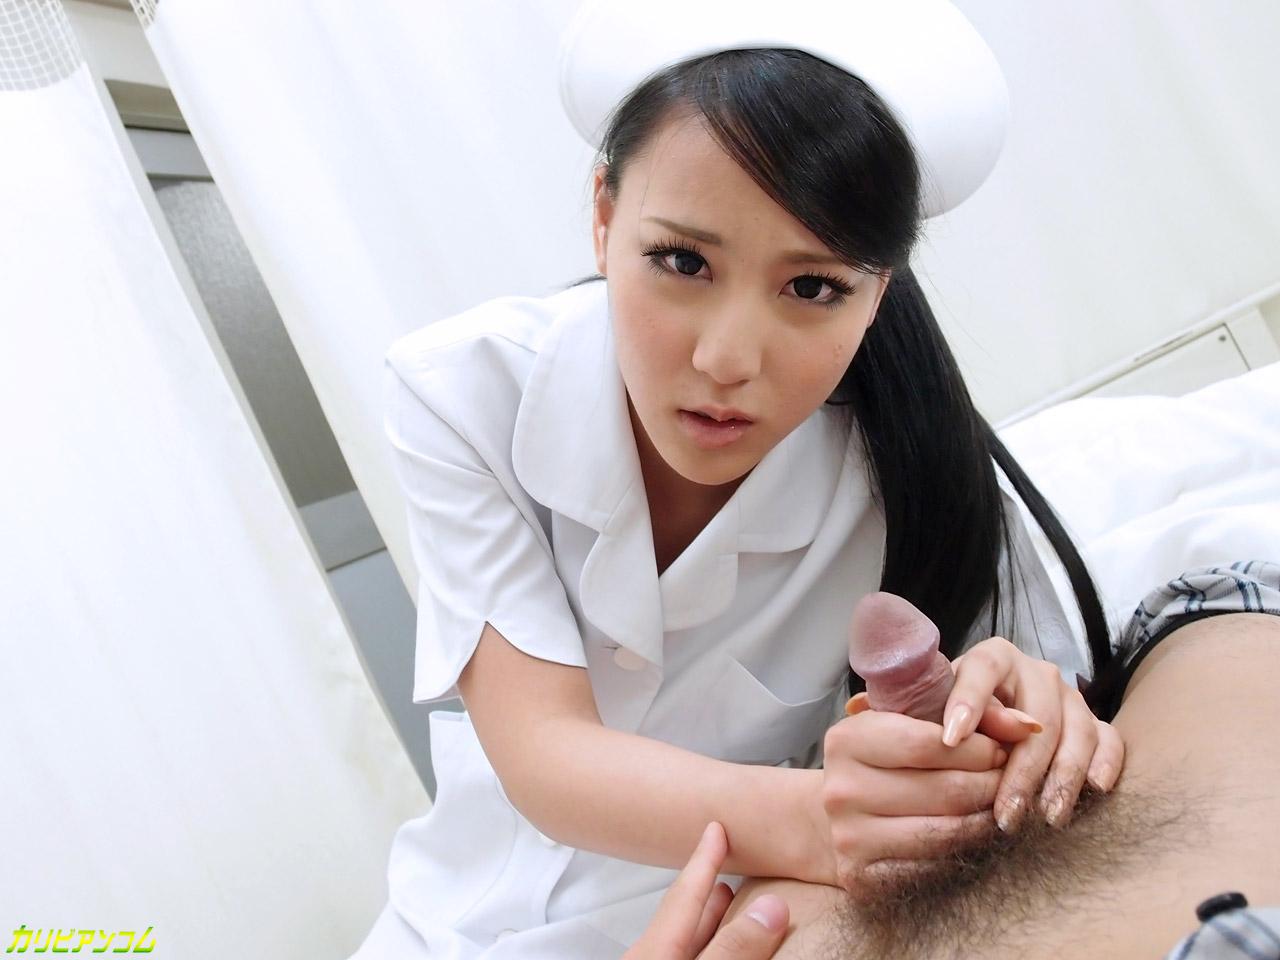 パイパンナースの剃毛チン察 あずみ恋